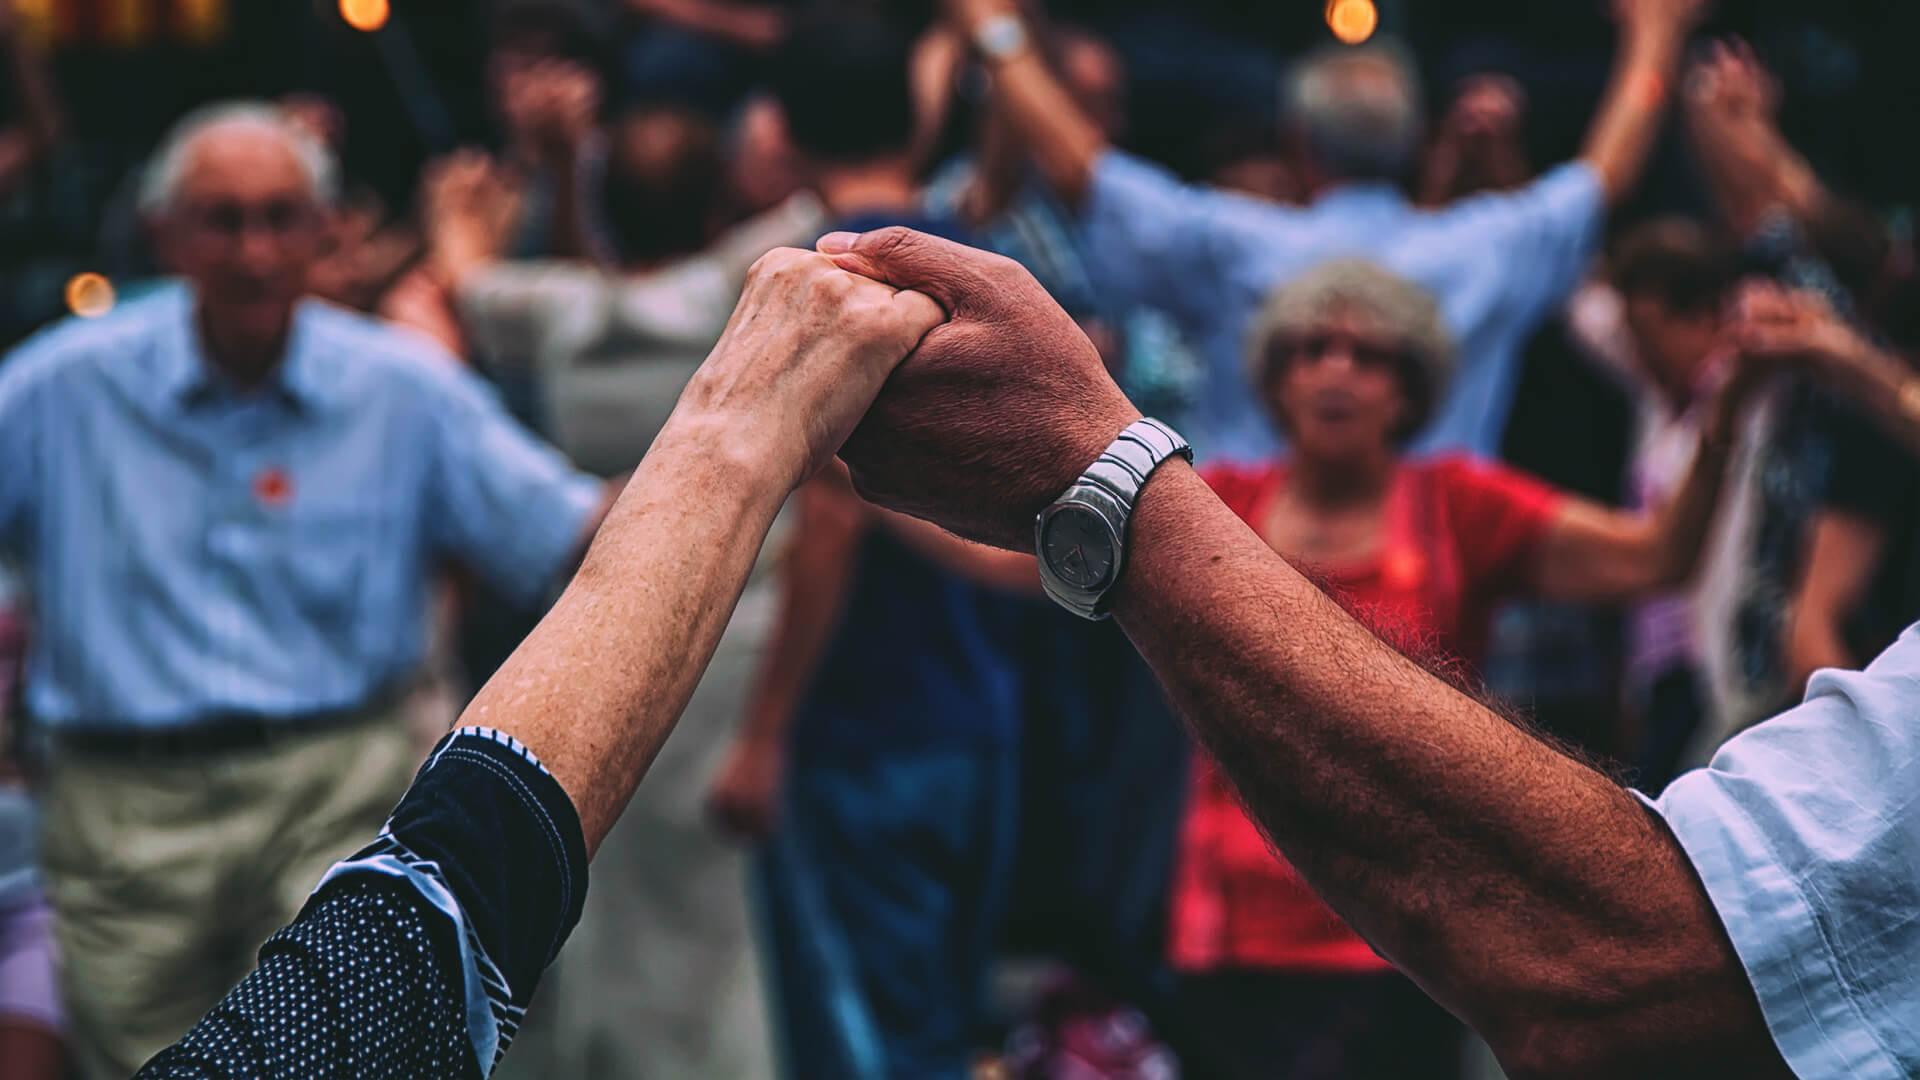 Setkání seniorů vkulturní místnosti